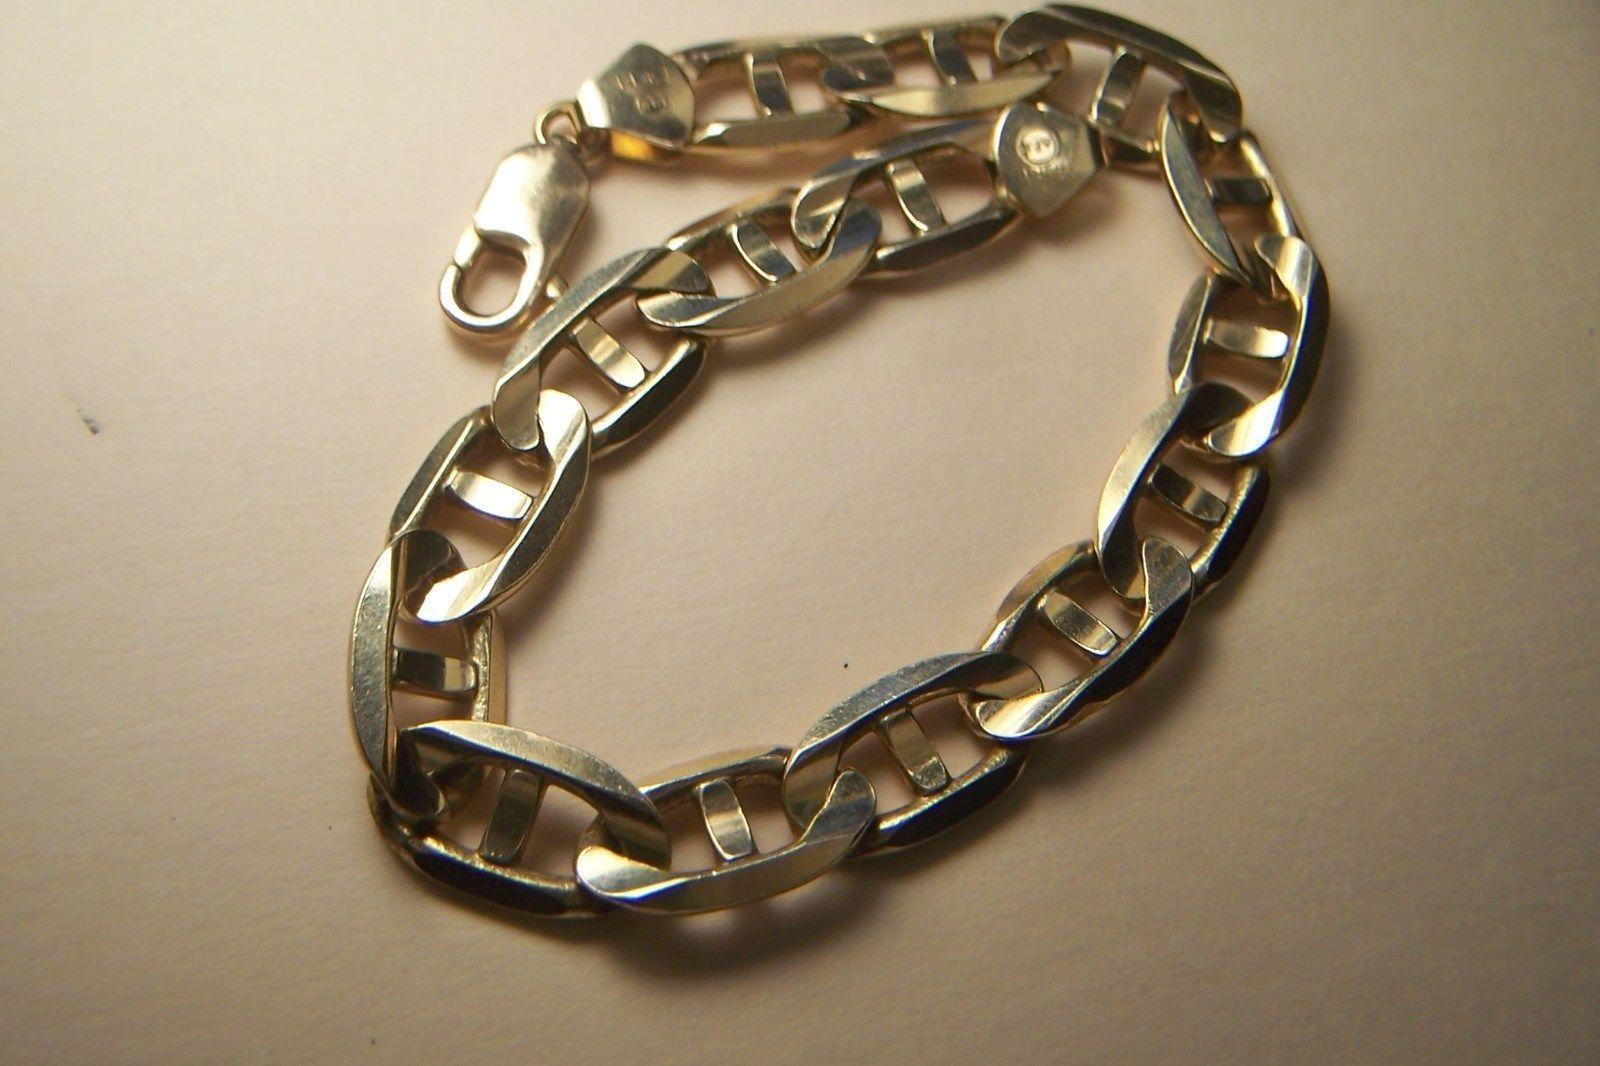 """Vintage14kt Solid Gold Mens Mariner Link HEAVY Bracelet 8-3/4"""" x 10 mm 30g Italy"""